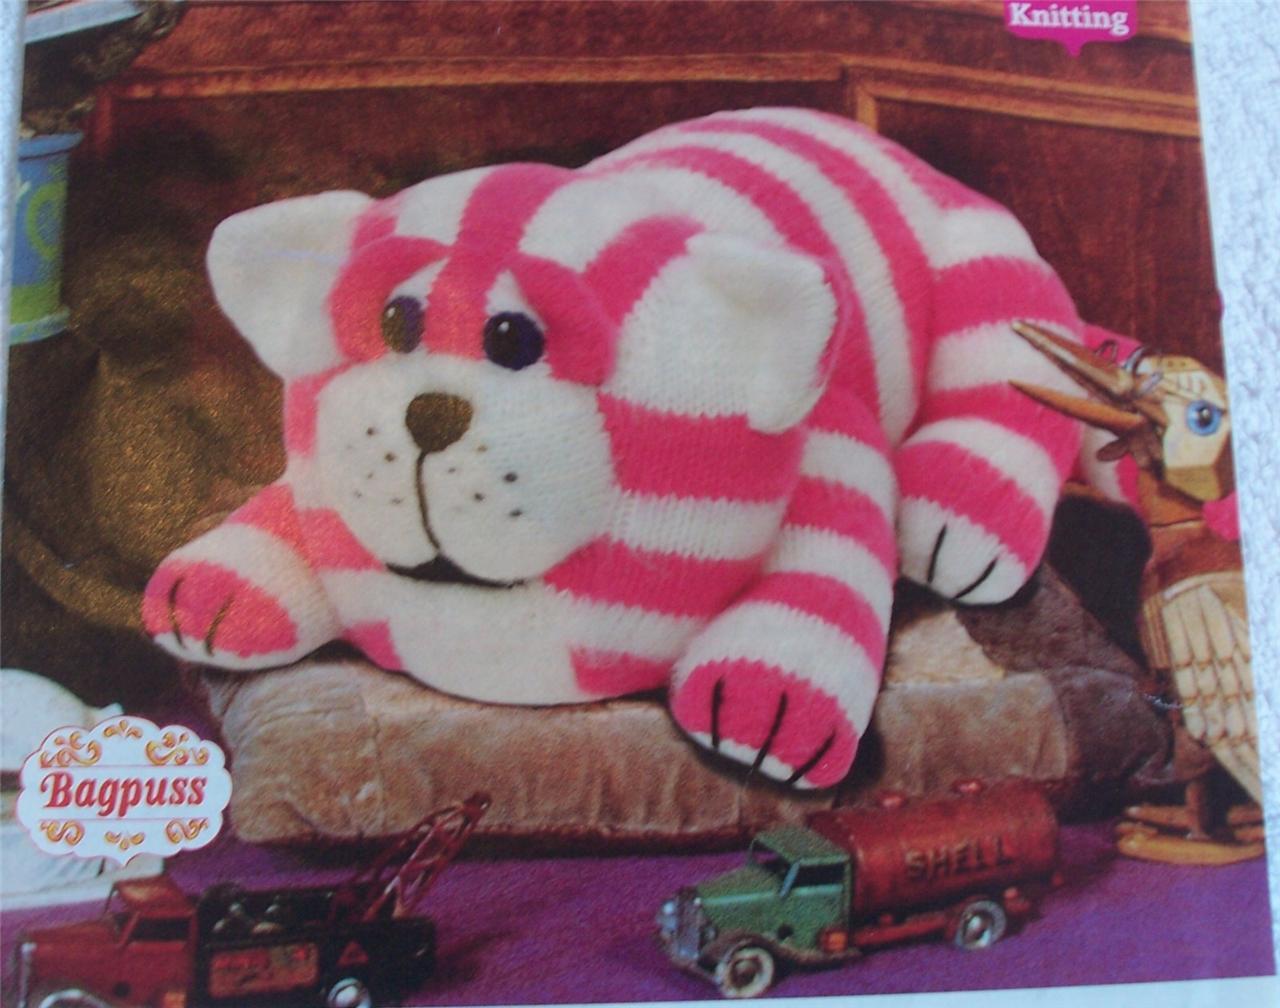 Knitting Patterns Toys Alan Dart : ALAN DART TOY KNITTING PATTERNS 8 TO CHOOSE FROM eBay